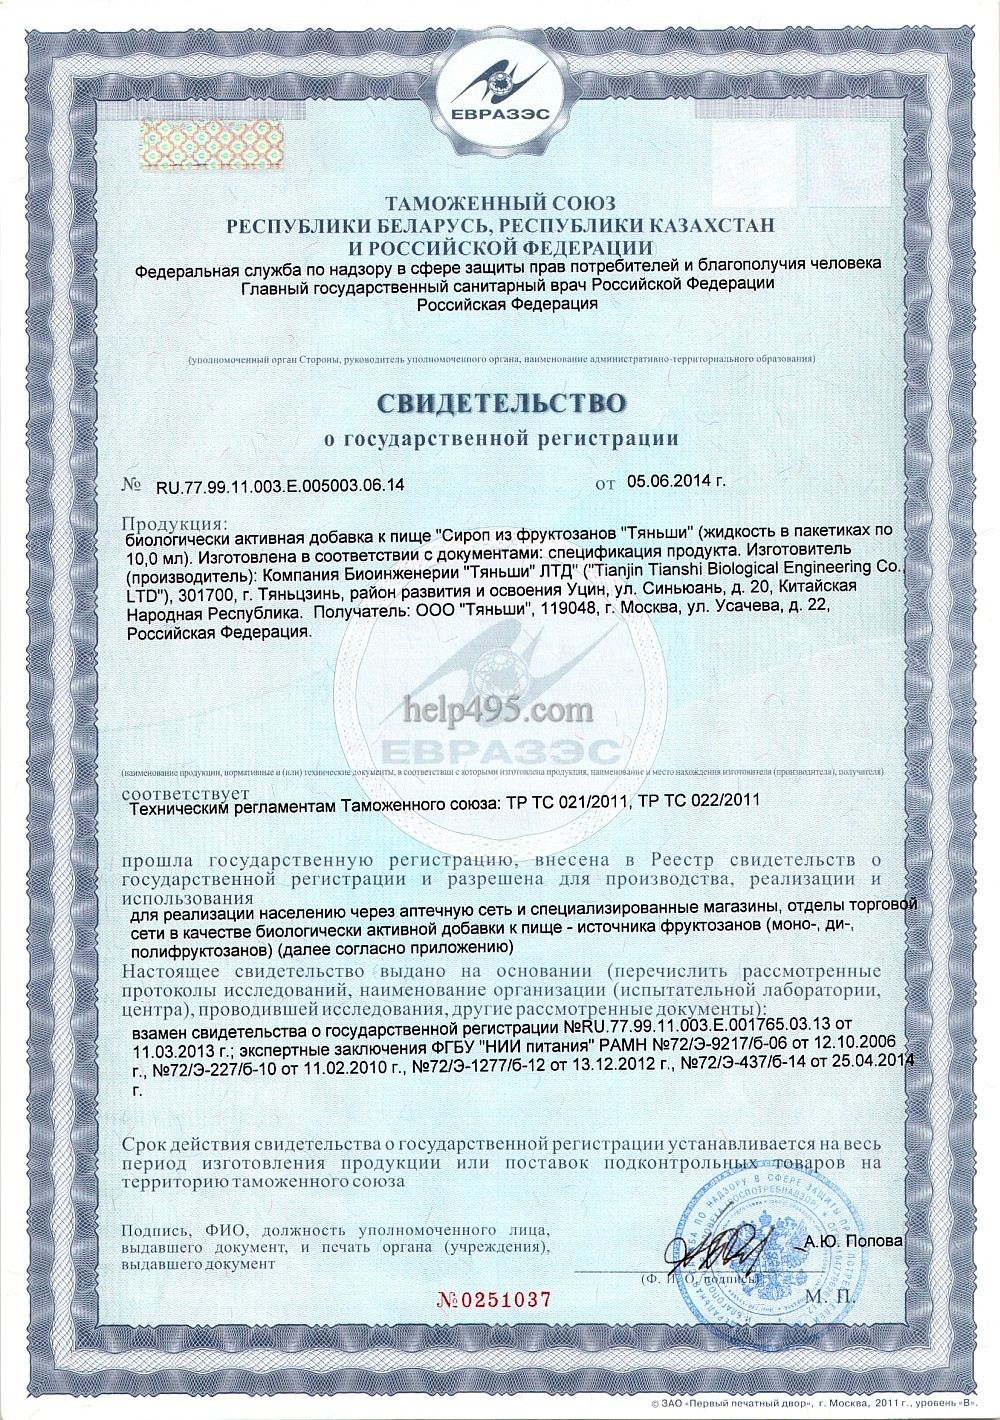 1-ая стр. сертификата препарата Тяньши: Сироп из фруктозанов